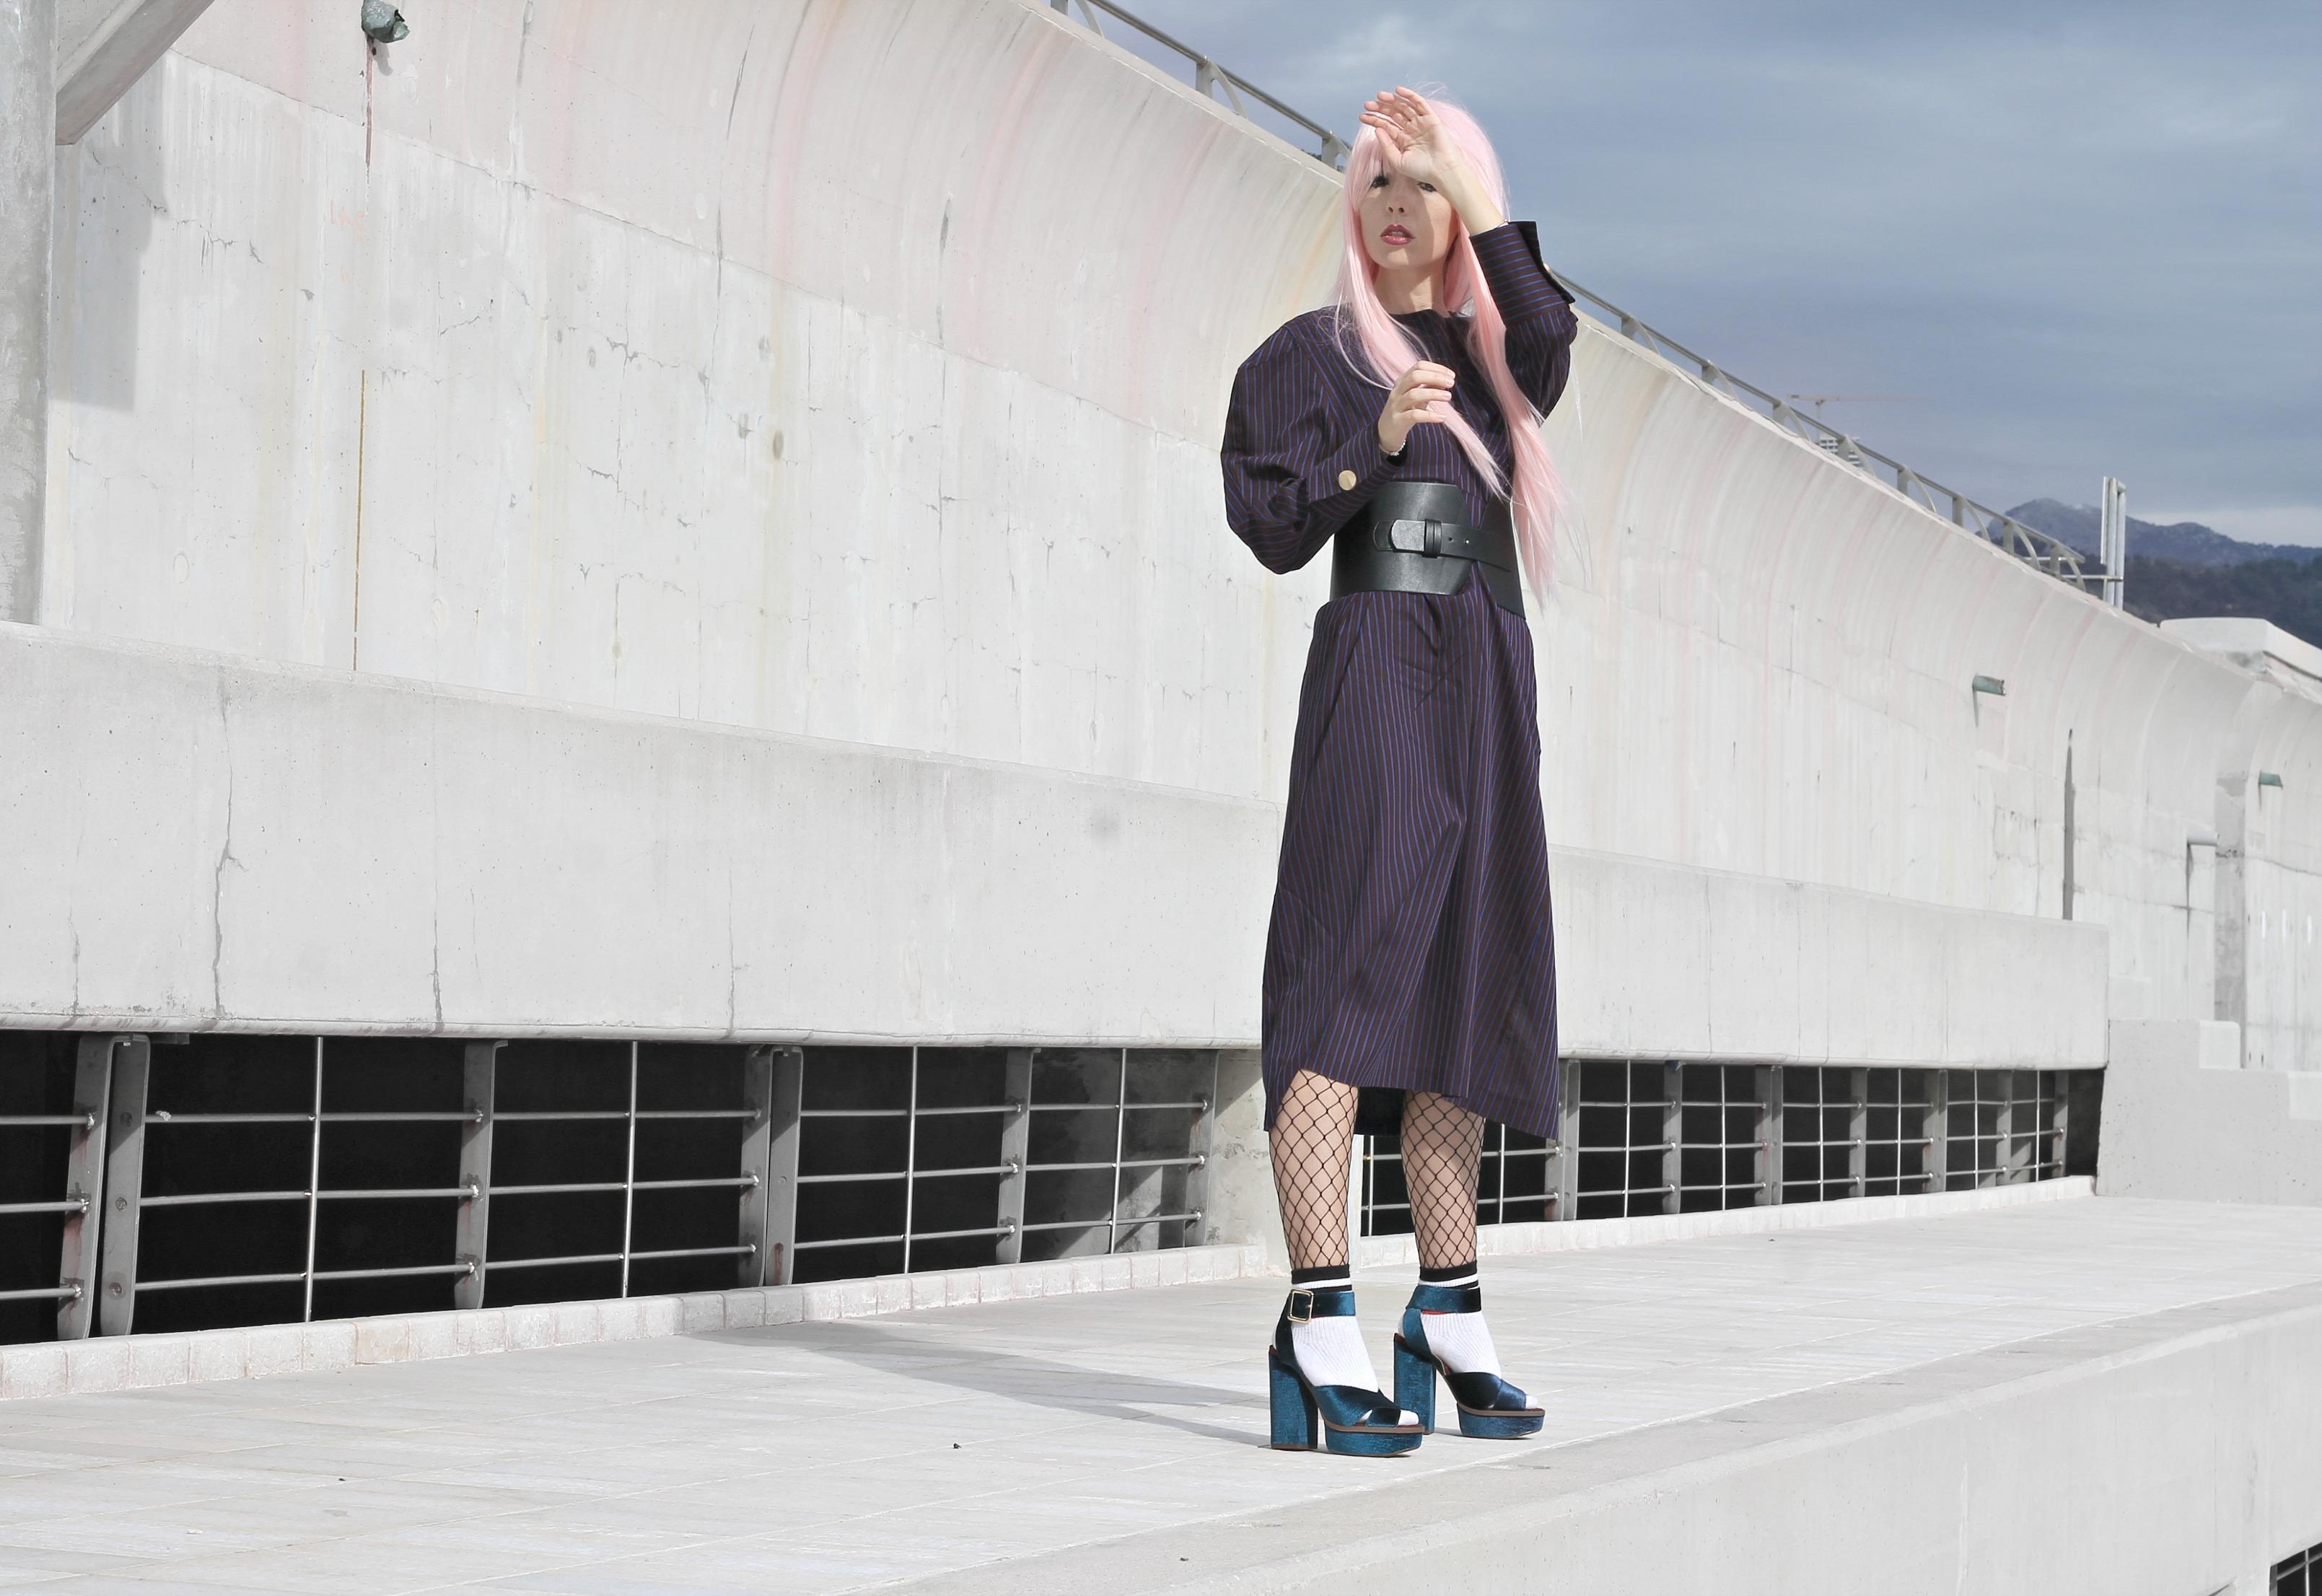 influencer marketing 2017, influencer italia 2017, elisa bellino, fashion blogger 2017, fashion blogger, fashion blog italia 2017, fashion blogger più seguite 2017, fashion blogger famose 2017, fashion influencer 2017, influencer instagram 2017, theladycracy.it, style mafia dress, tendenze moda primavera 2017, corsetti 2017, calze a rete 2017, come vestirsi primavera 2017, capelli rosa blogger,